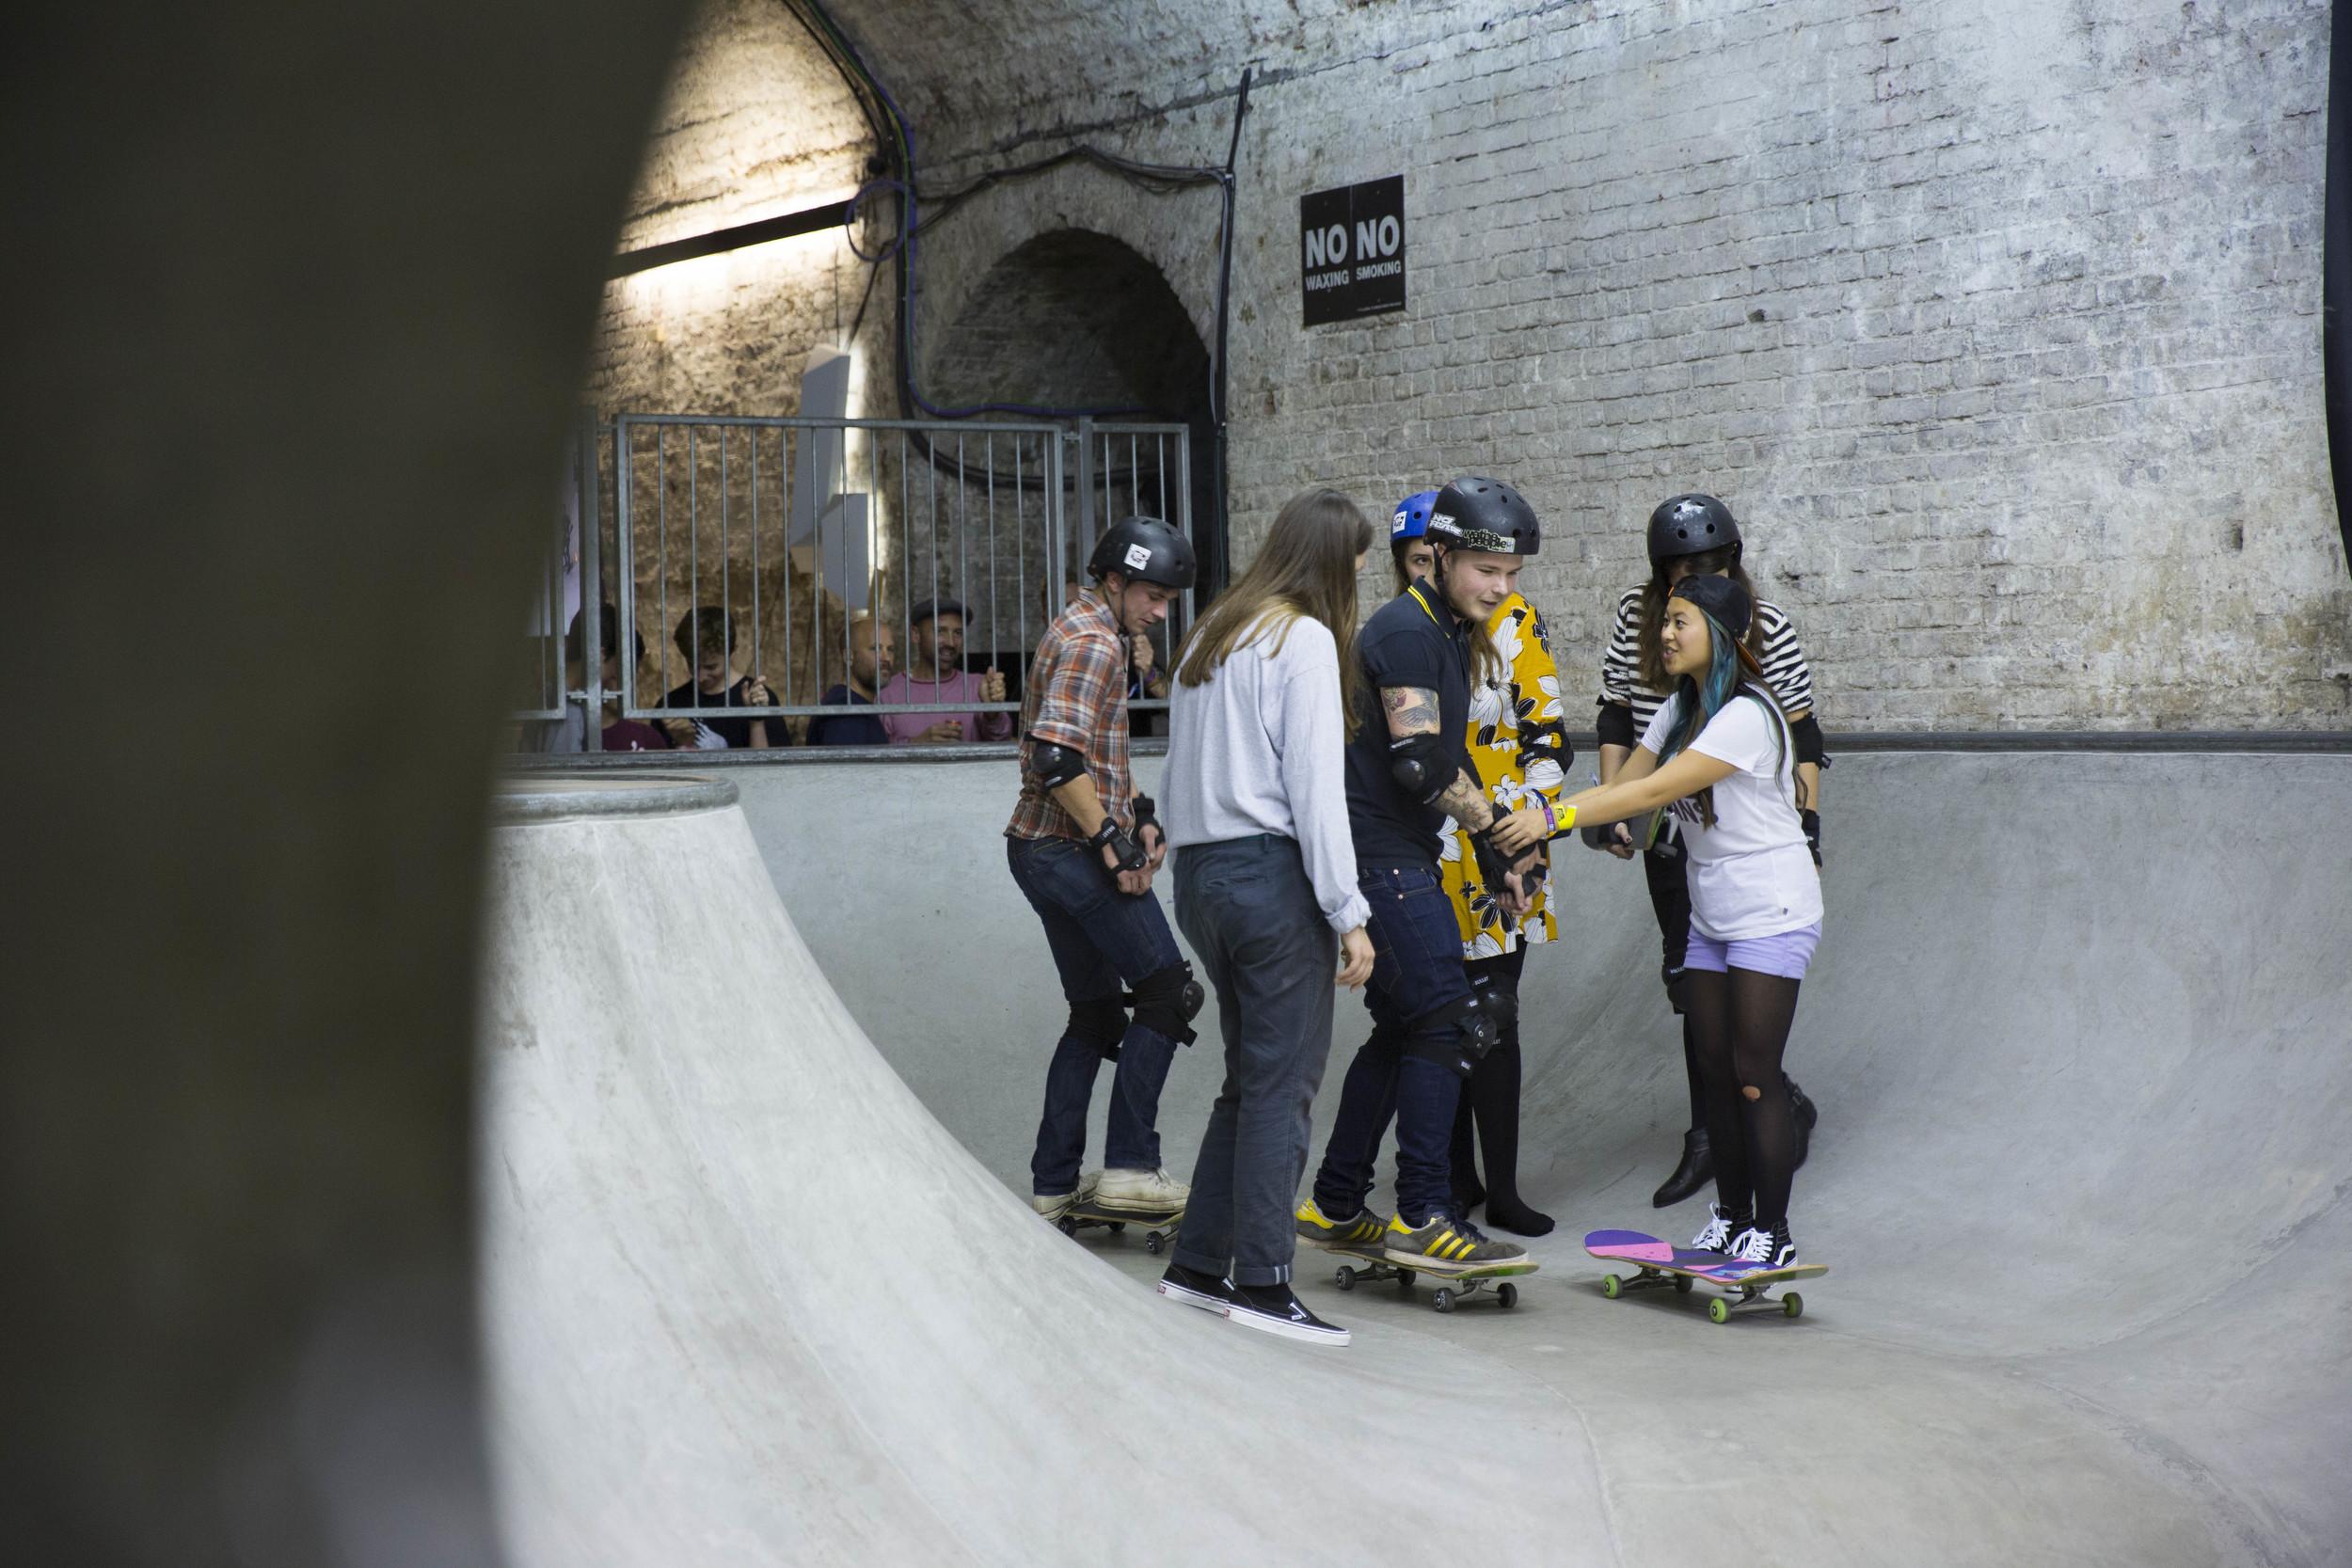 All Girl Skate Skool